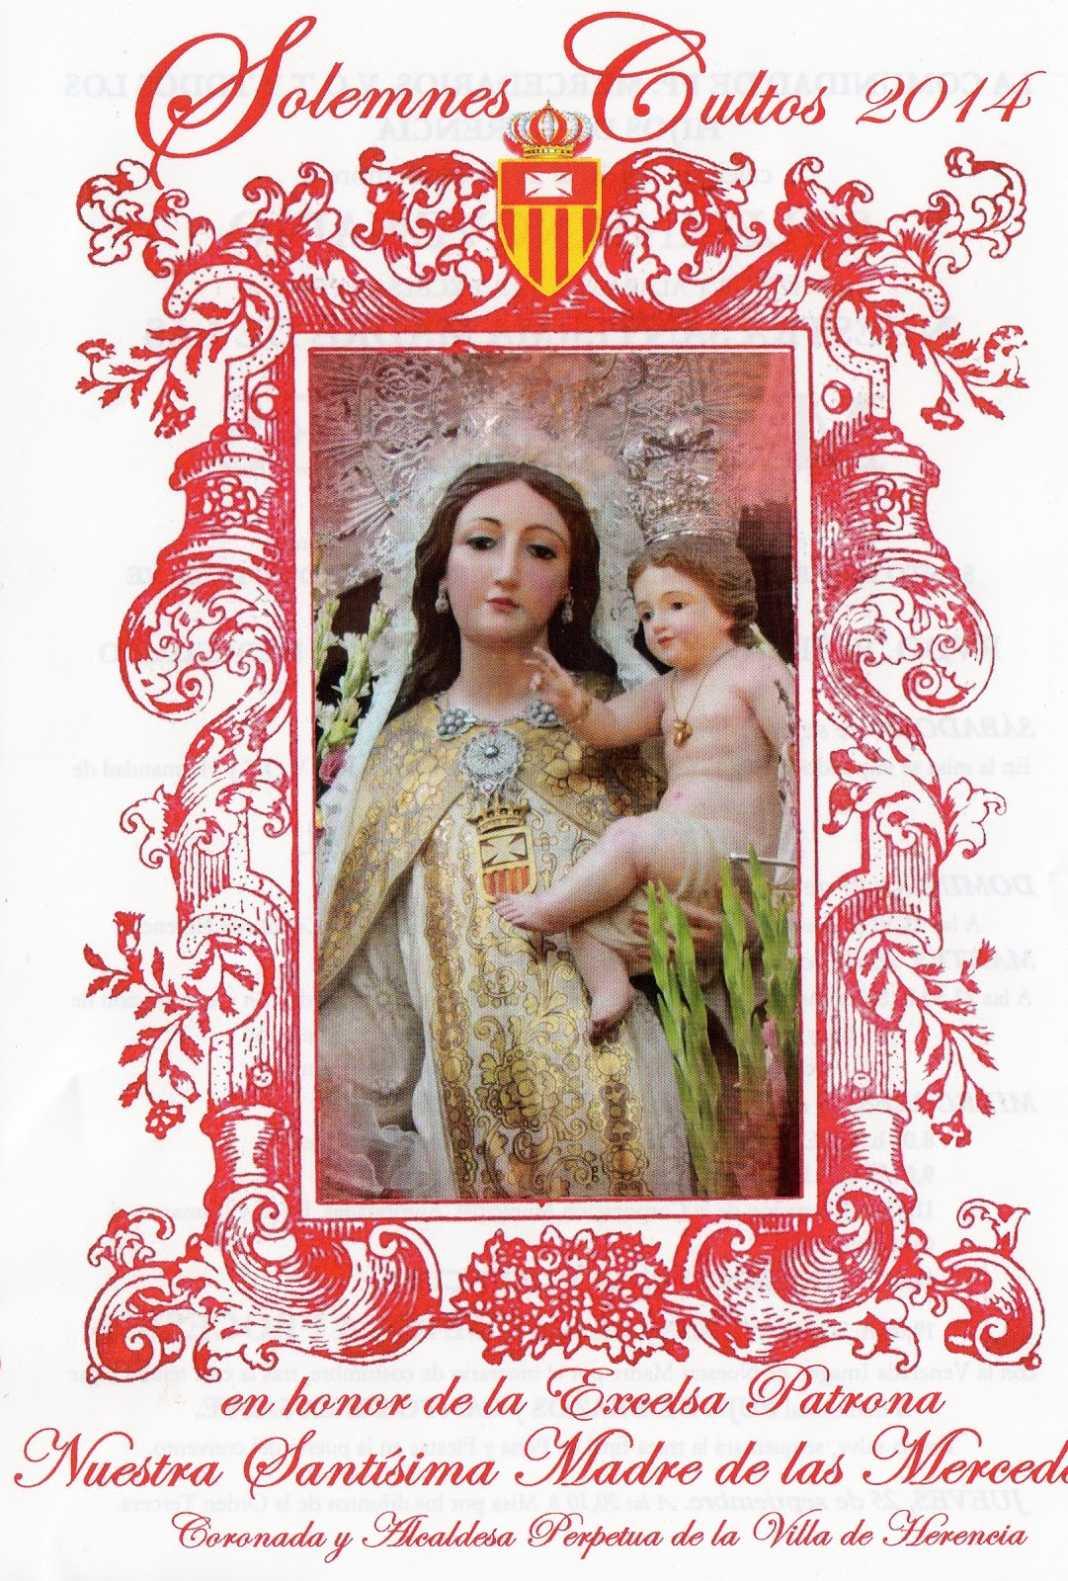 patronadeherencia001 1068x1581 - Actos en honor a la Virgen de las Mercedes